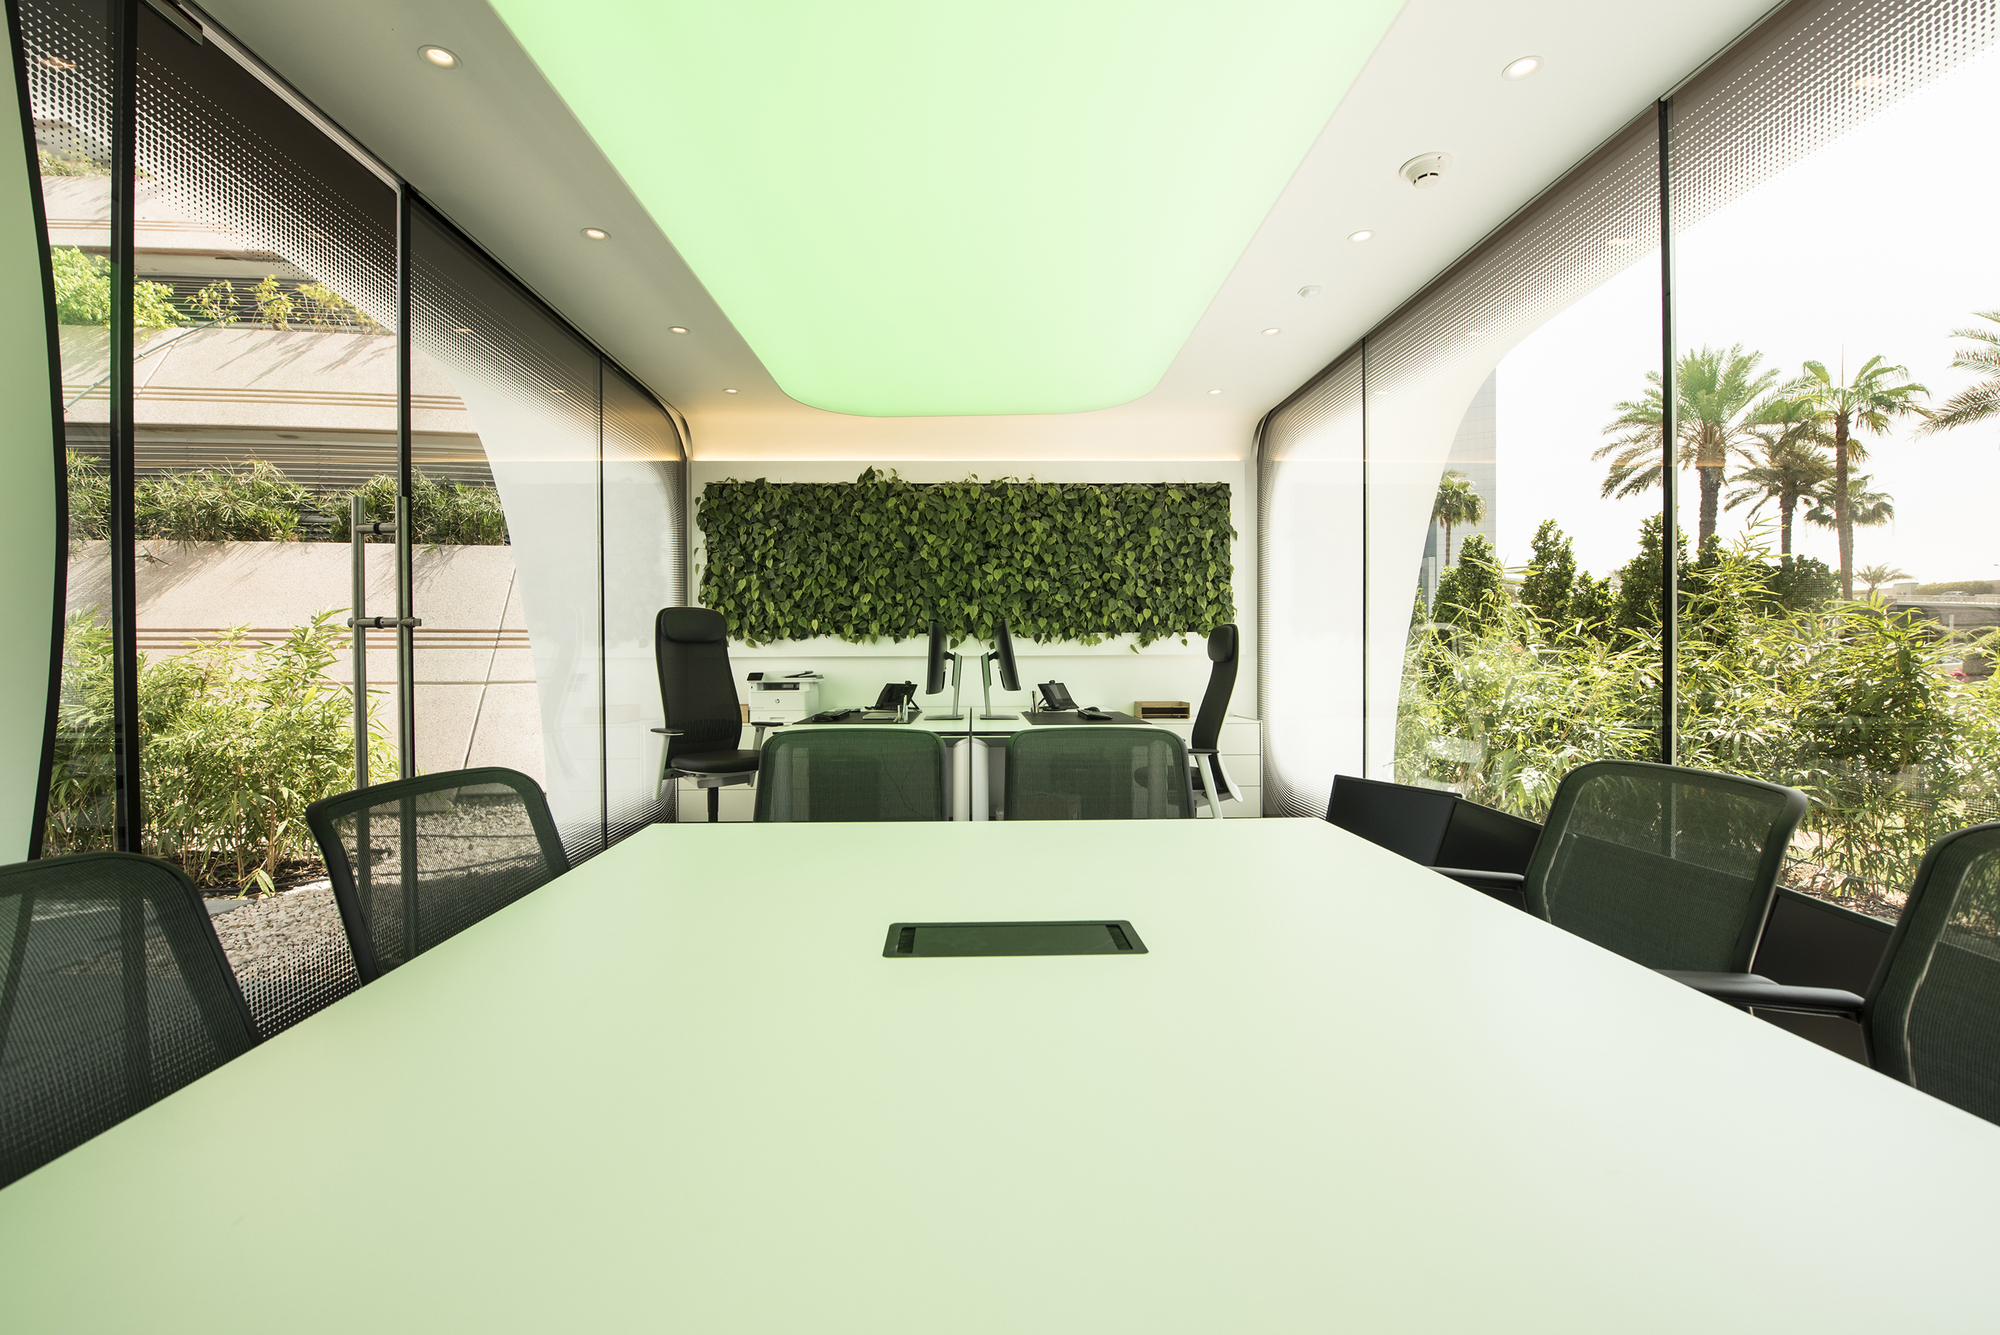 Gallery Of Office Of The Future Killa Design 7